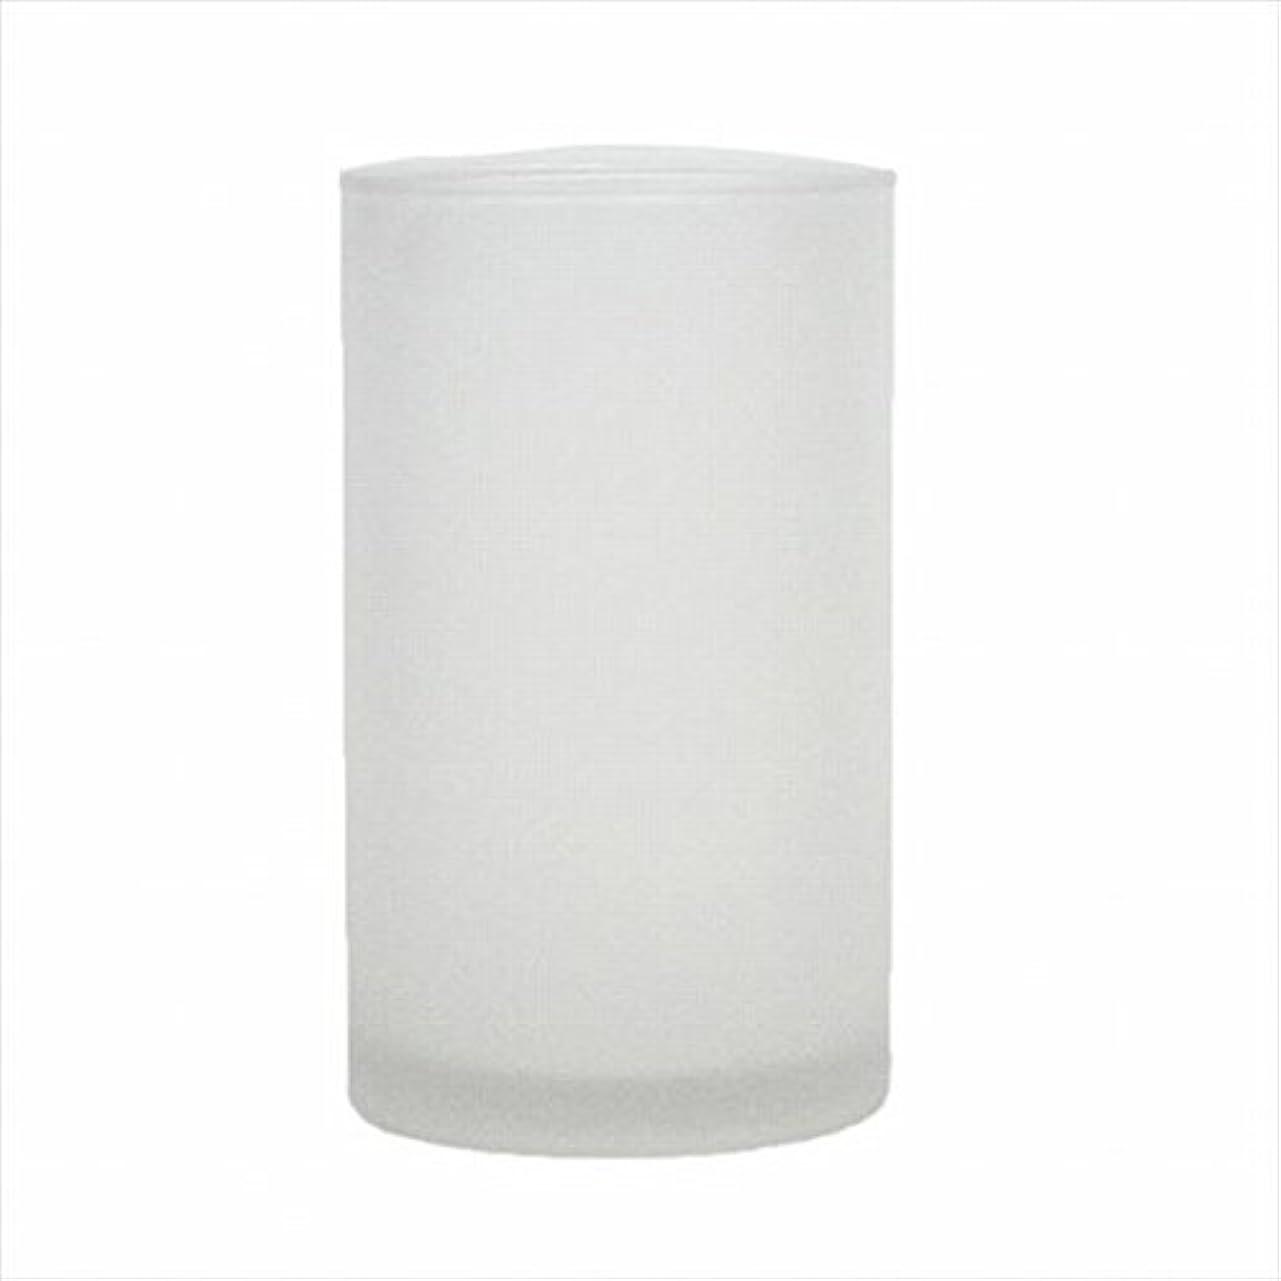 傭兵うつカメカメヤマキャンドル(kameyama candle) モルカグラスSフロスト